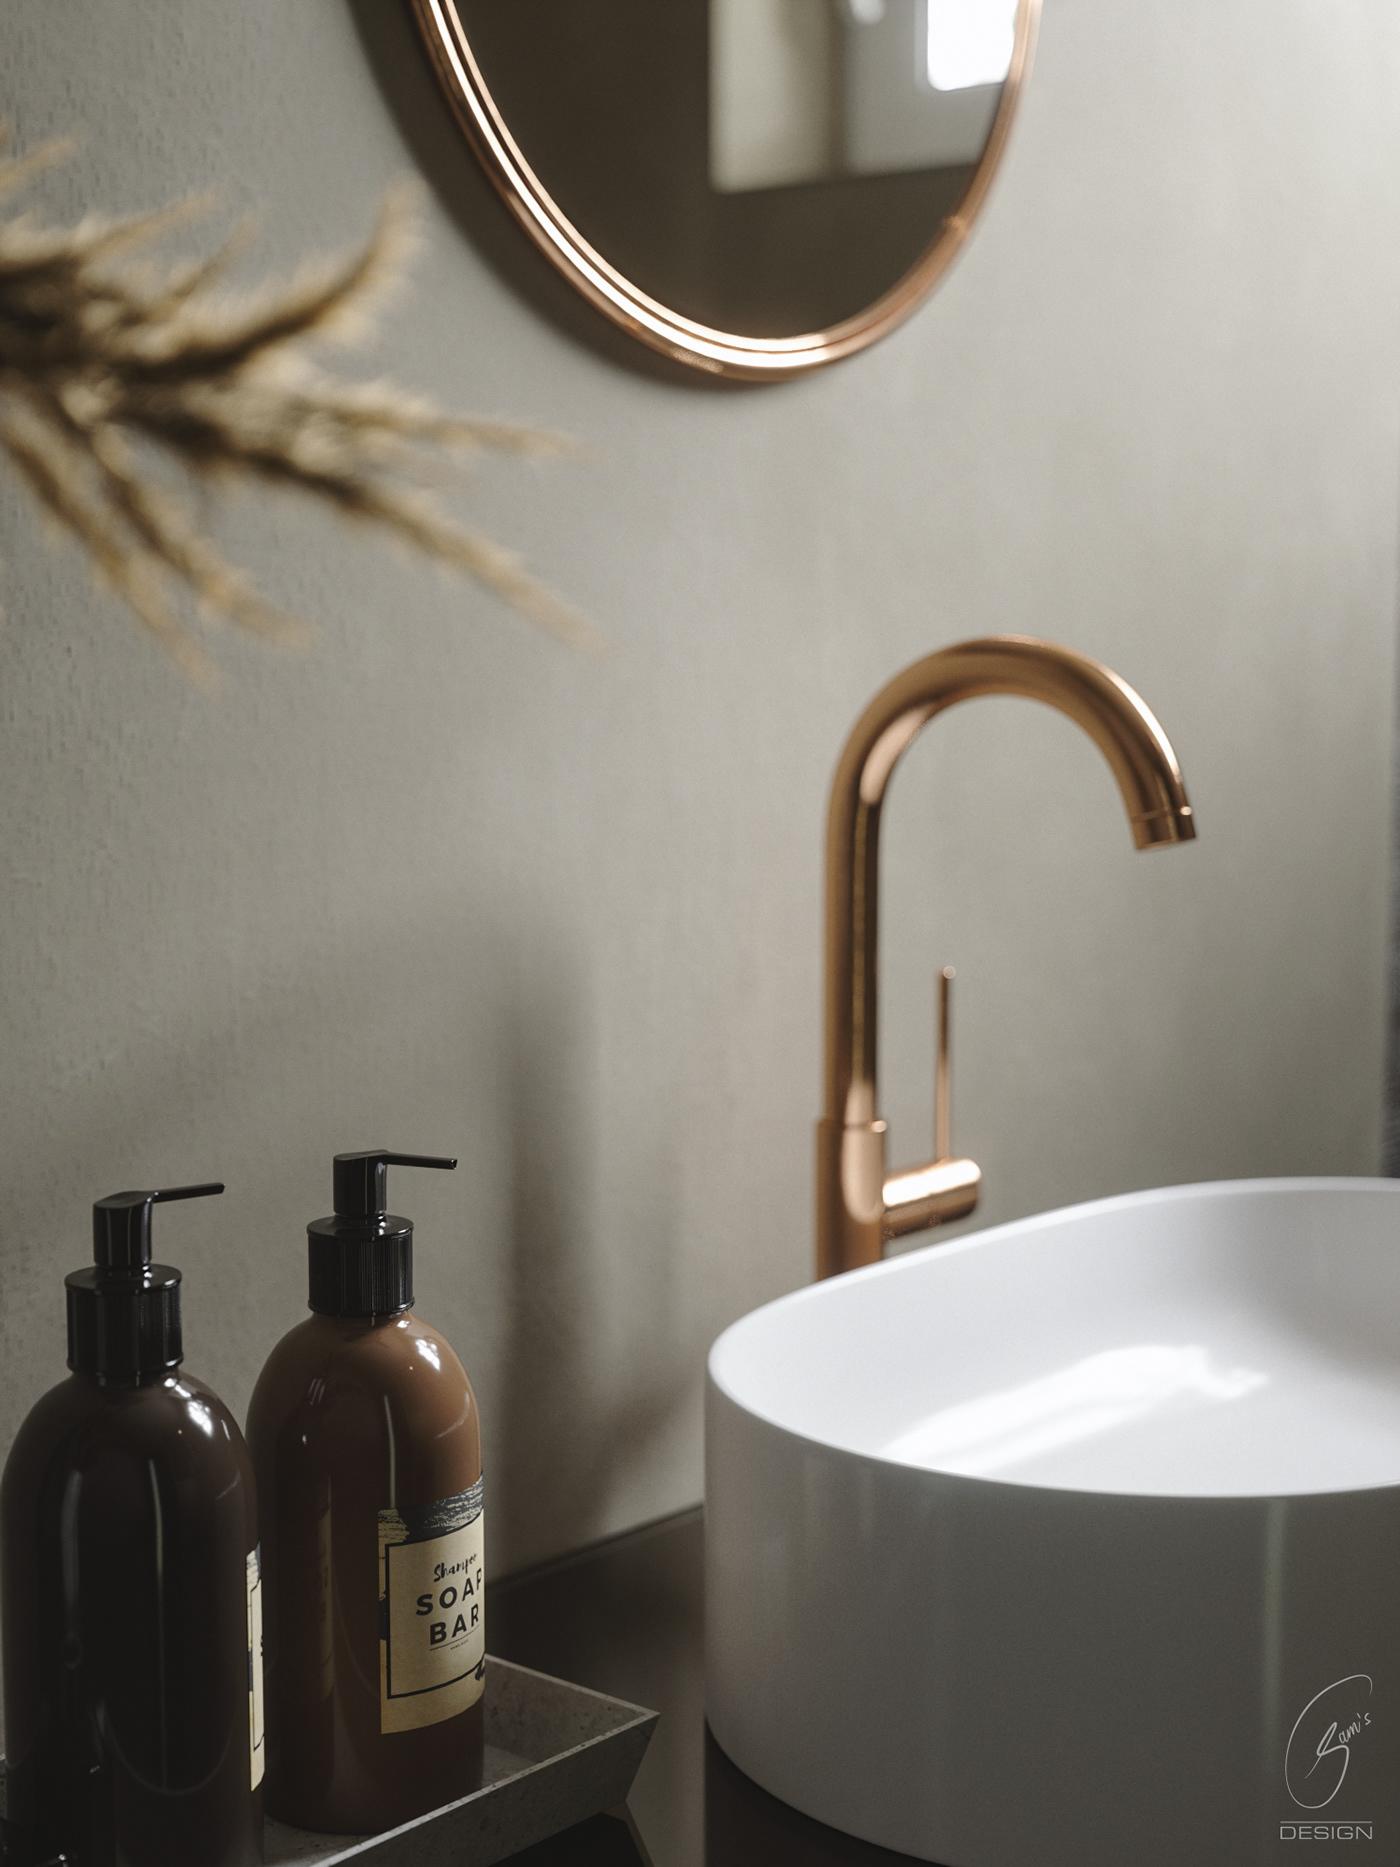 3dsmax archviz browncolors FStorm toilet